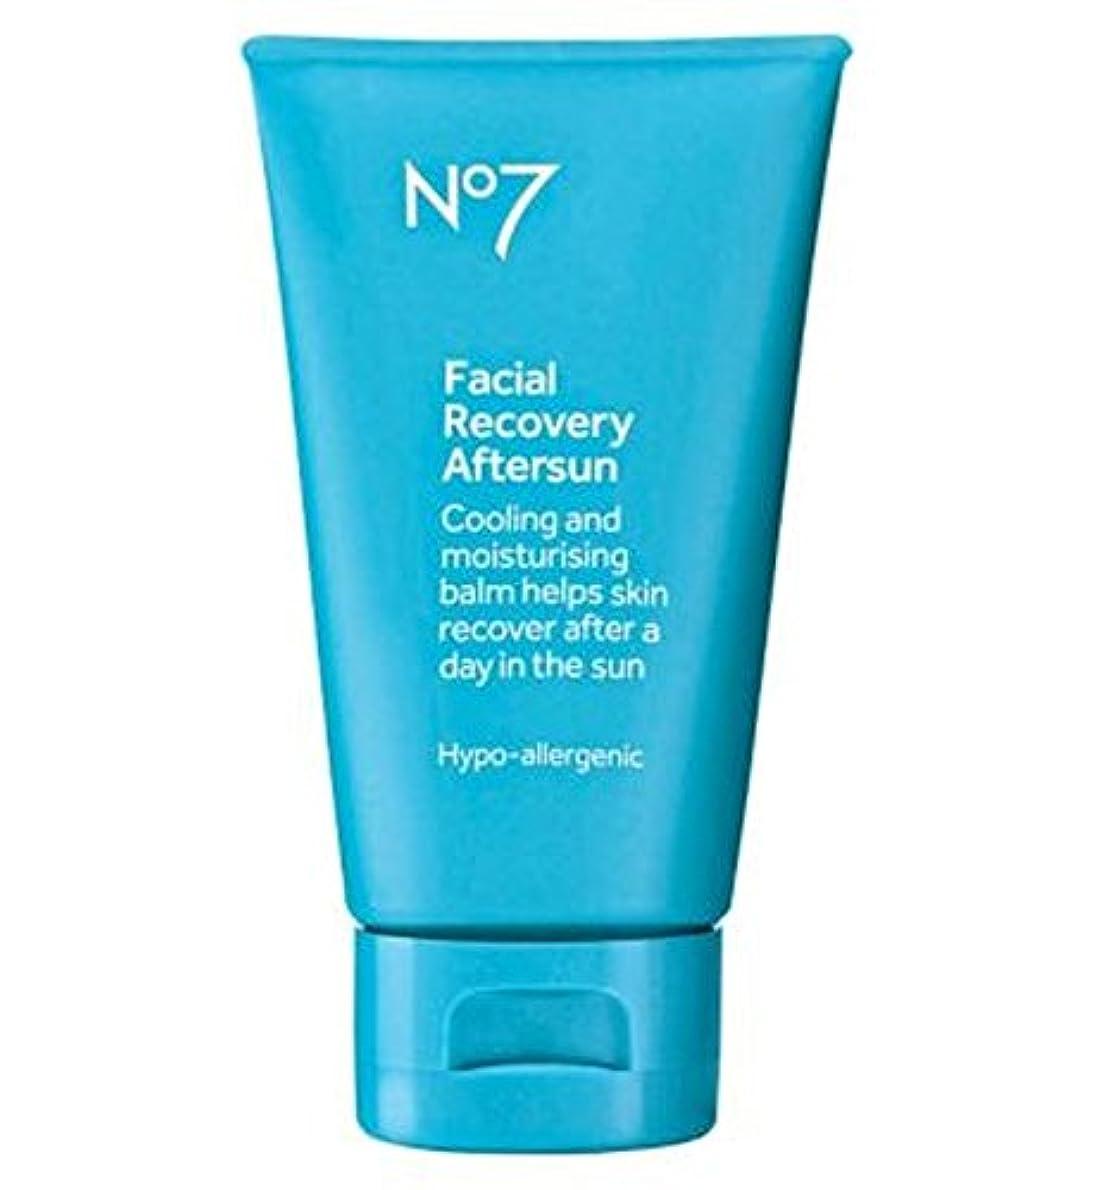 として男やもめ収束する日後No7顔の回復 (No7) (x2) - No7 Facial Recovery After Sun (Pack of 2) [並行輸入品]